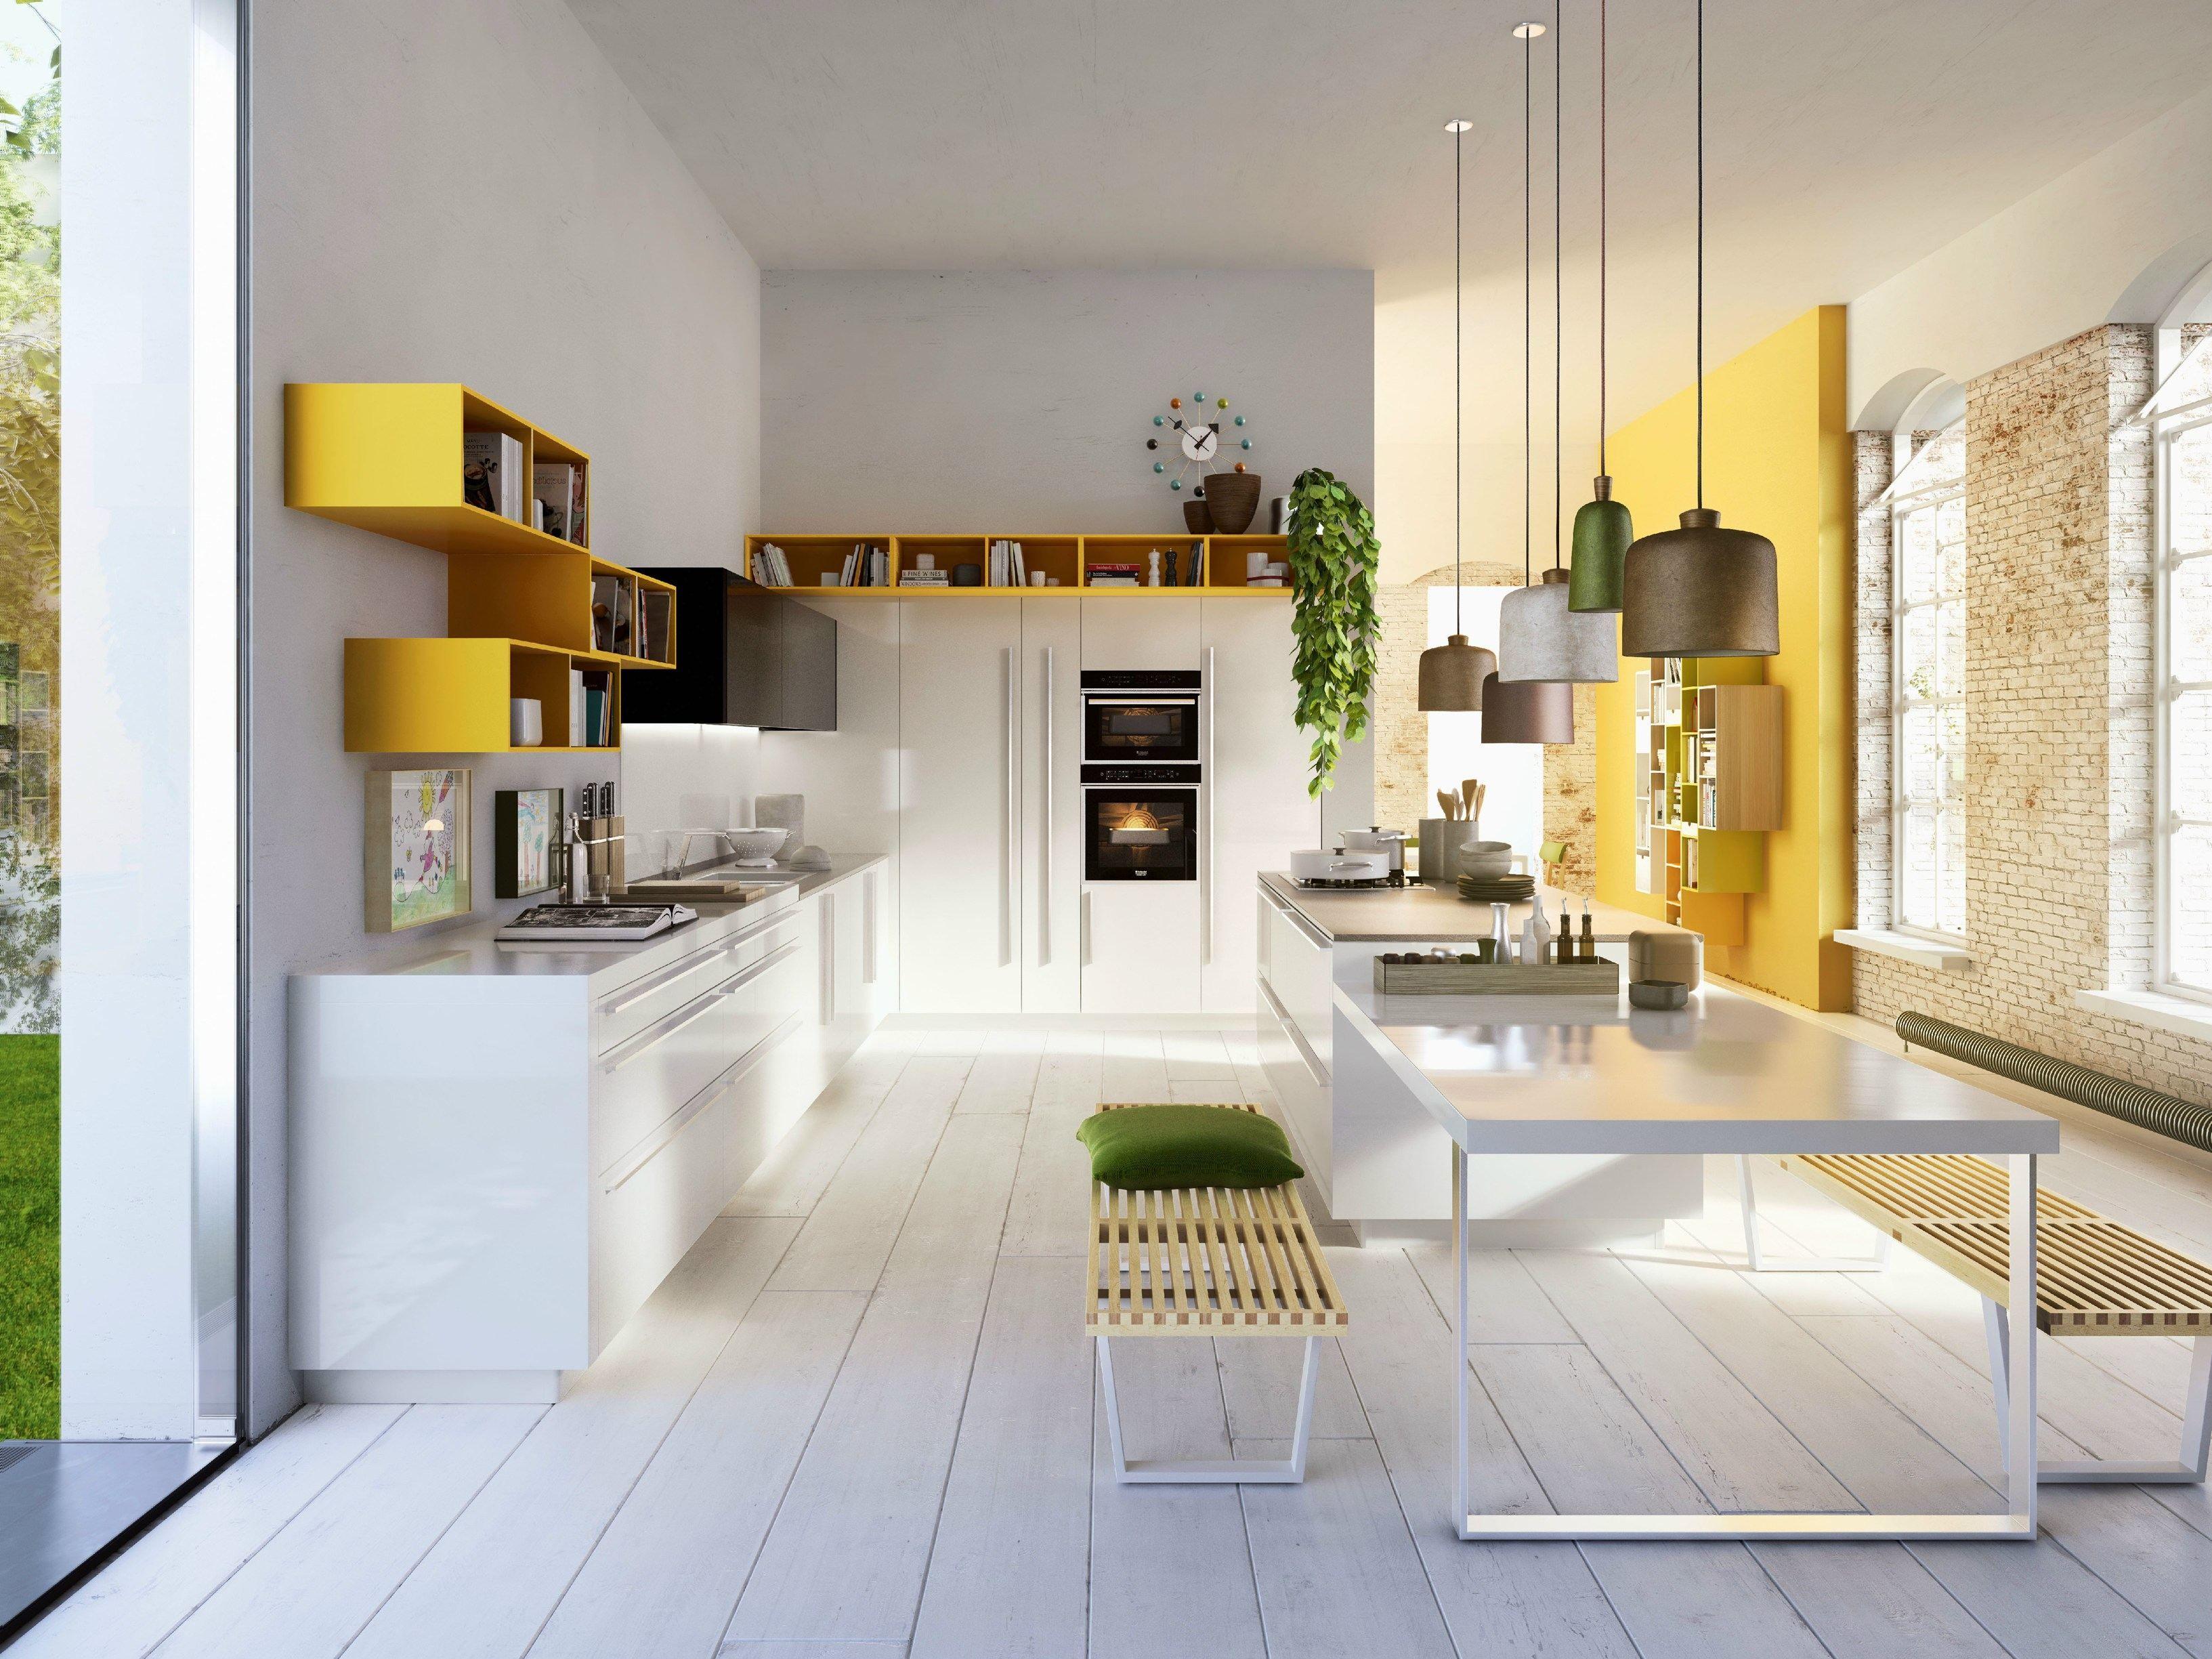 Cuisine Int Gr E Code By Snaidero Design Snaidero Design